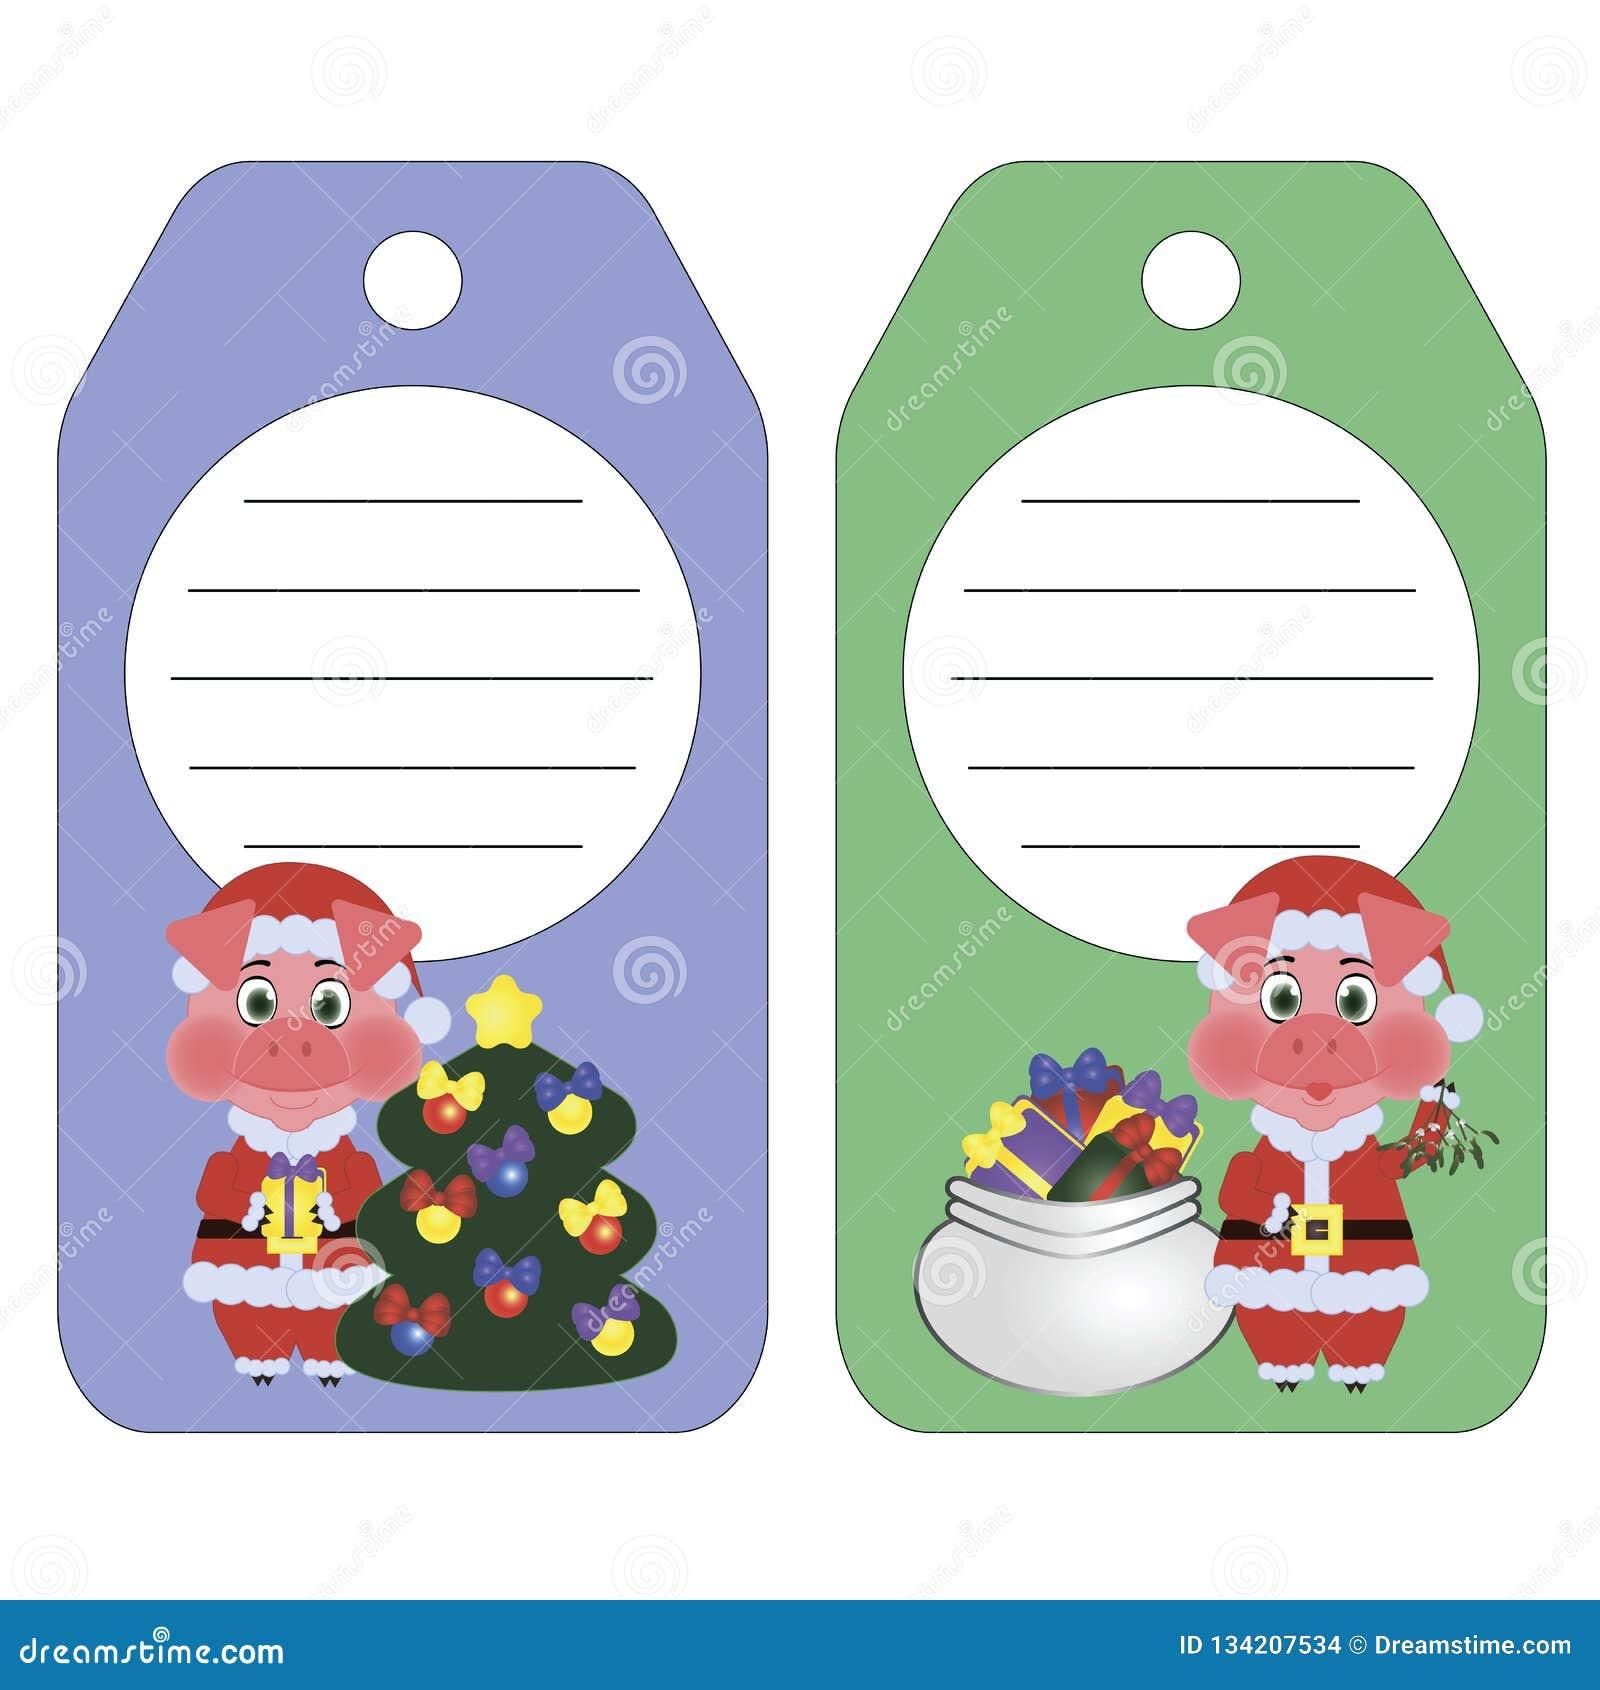 Ustalone etykietek ilustracje świnia symbol 2019 nowy rok